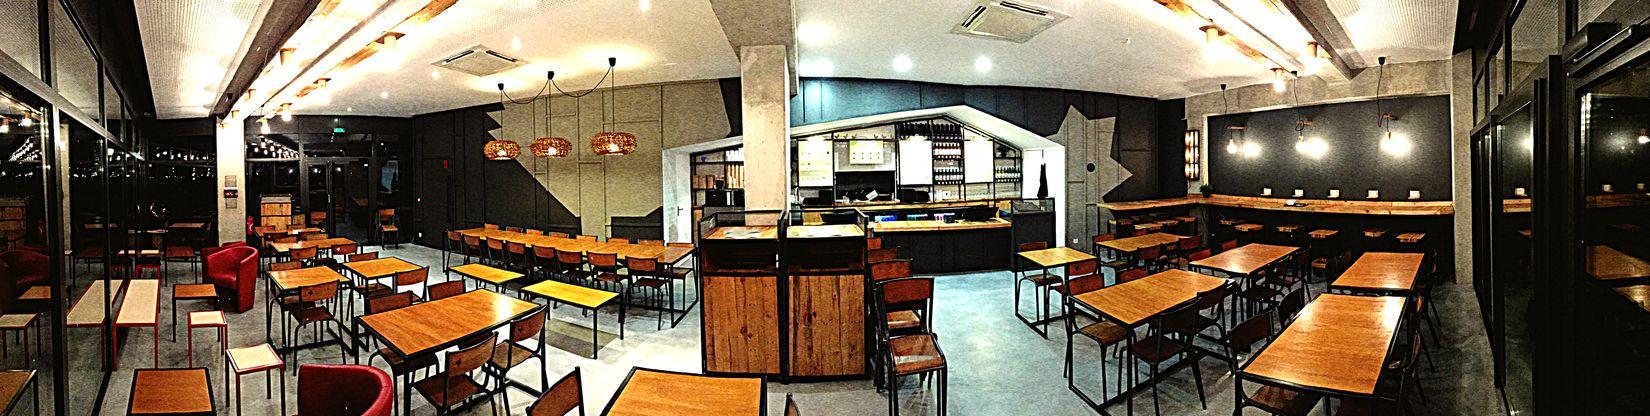 Restaurant Monsieur Poule by night ! Monsieurpoule